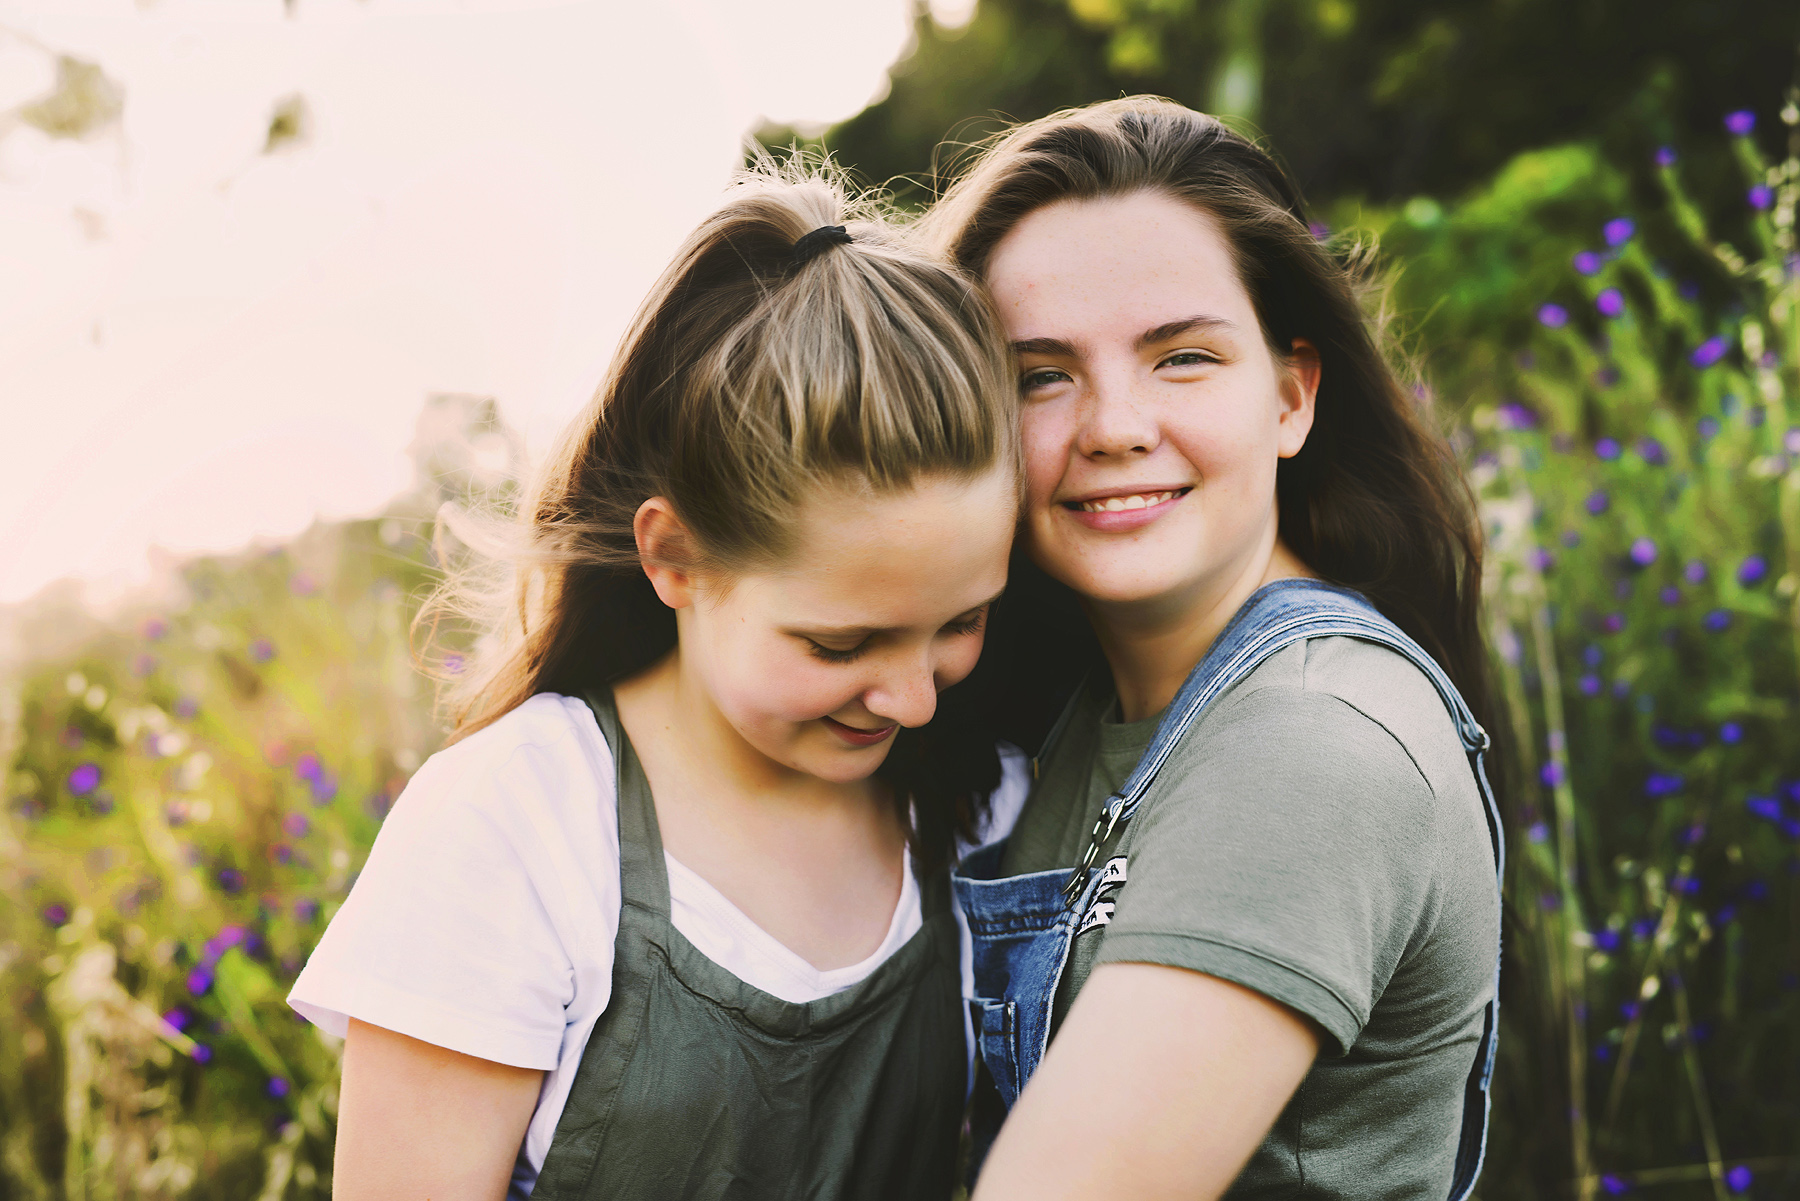 family photography sydney cindy cavanagh (9 of 14) copyfin.jpg